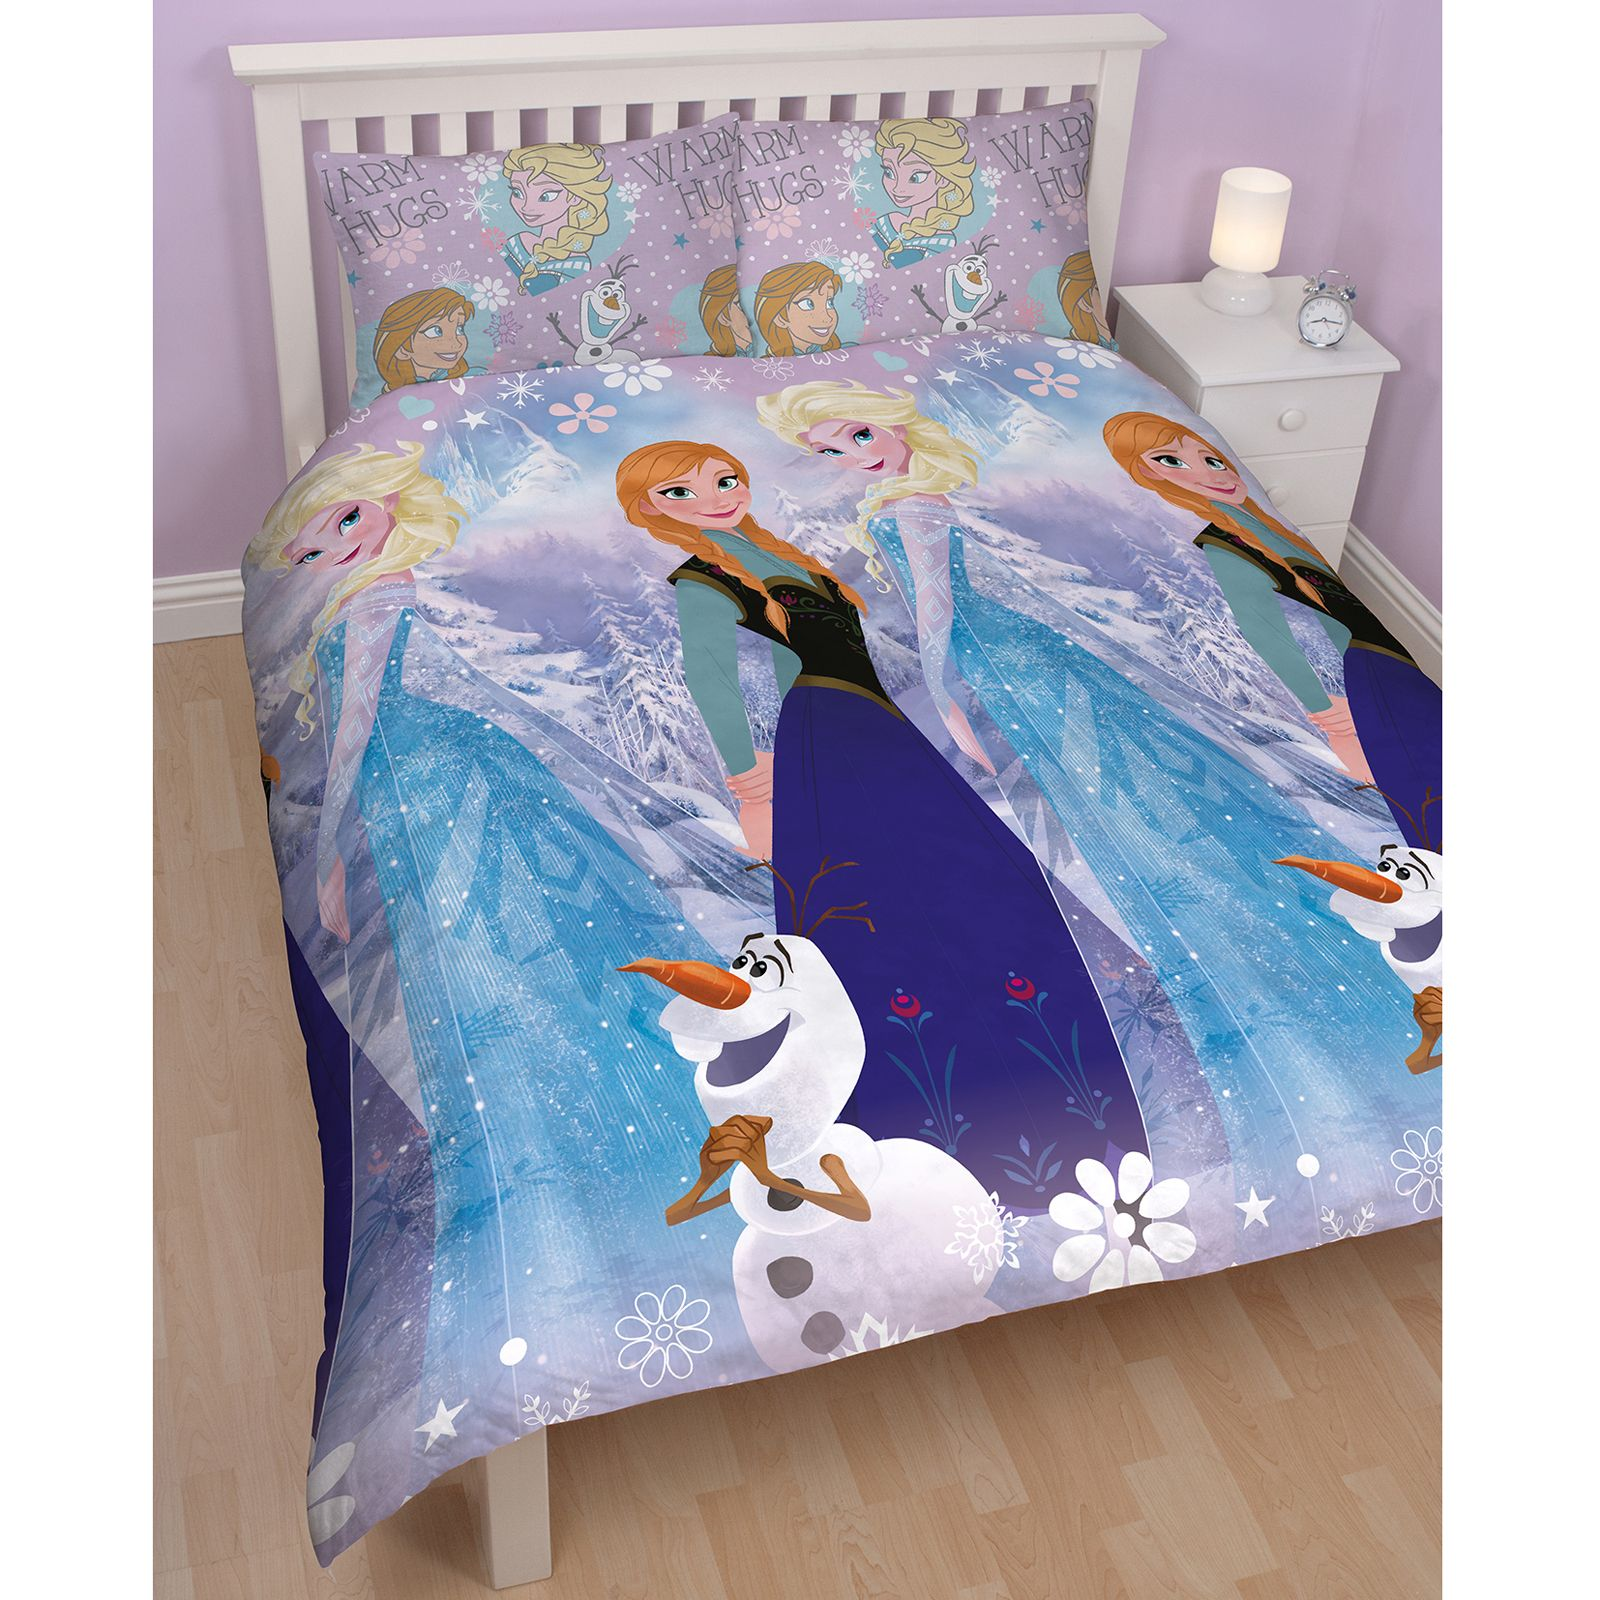 Frozen Duvet Set For Cot Bed